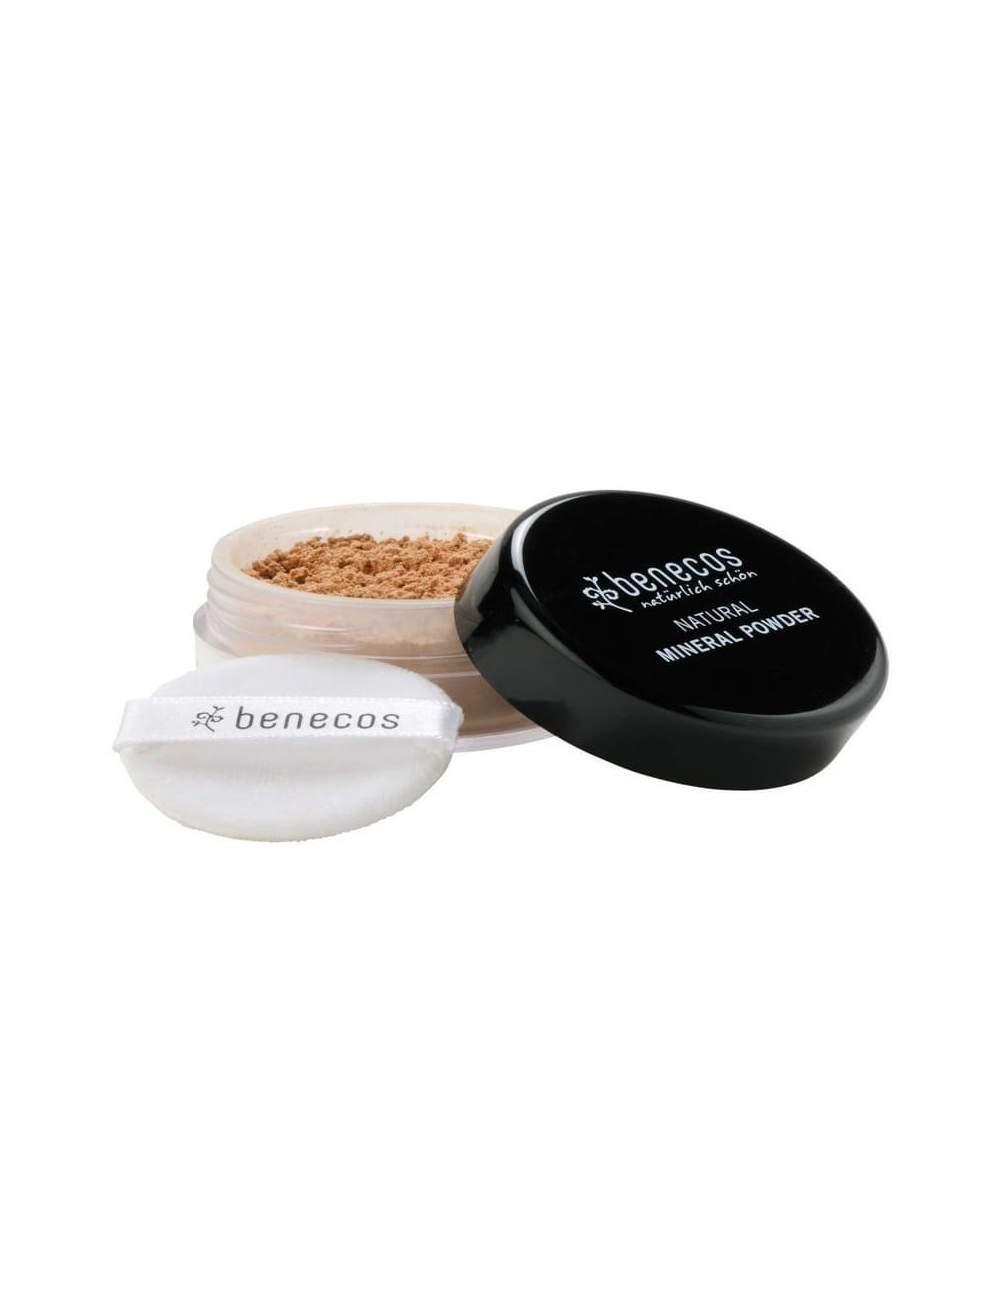 Maquillage en Poudre Minérale Lâches Golden Hazelnut. Benecos